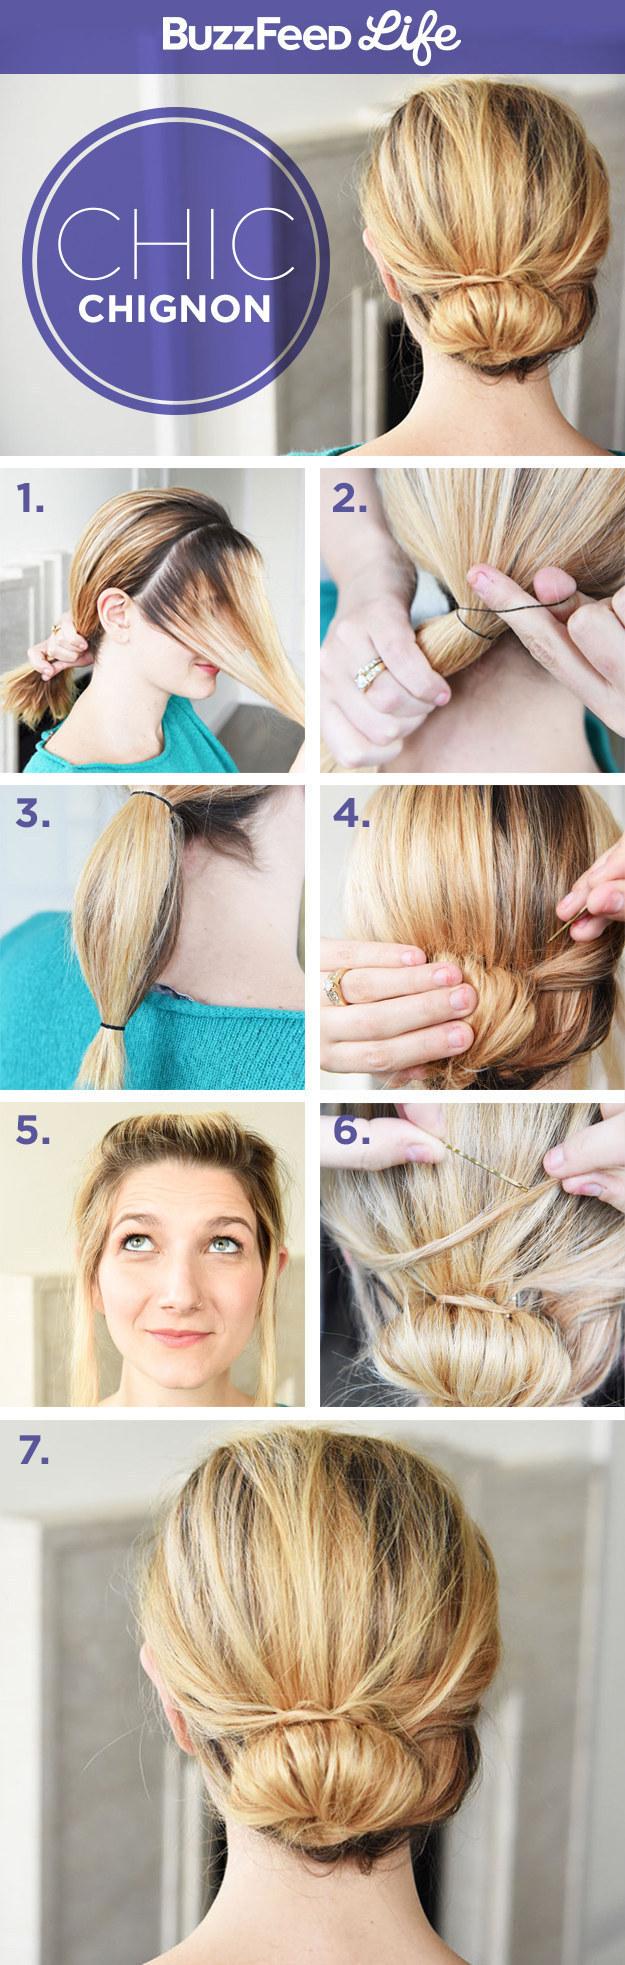 6 თმის მარტივი ვარცხნილობა გოგონებისთვის